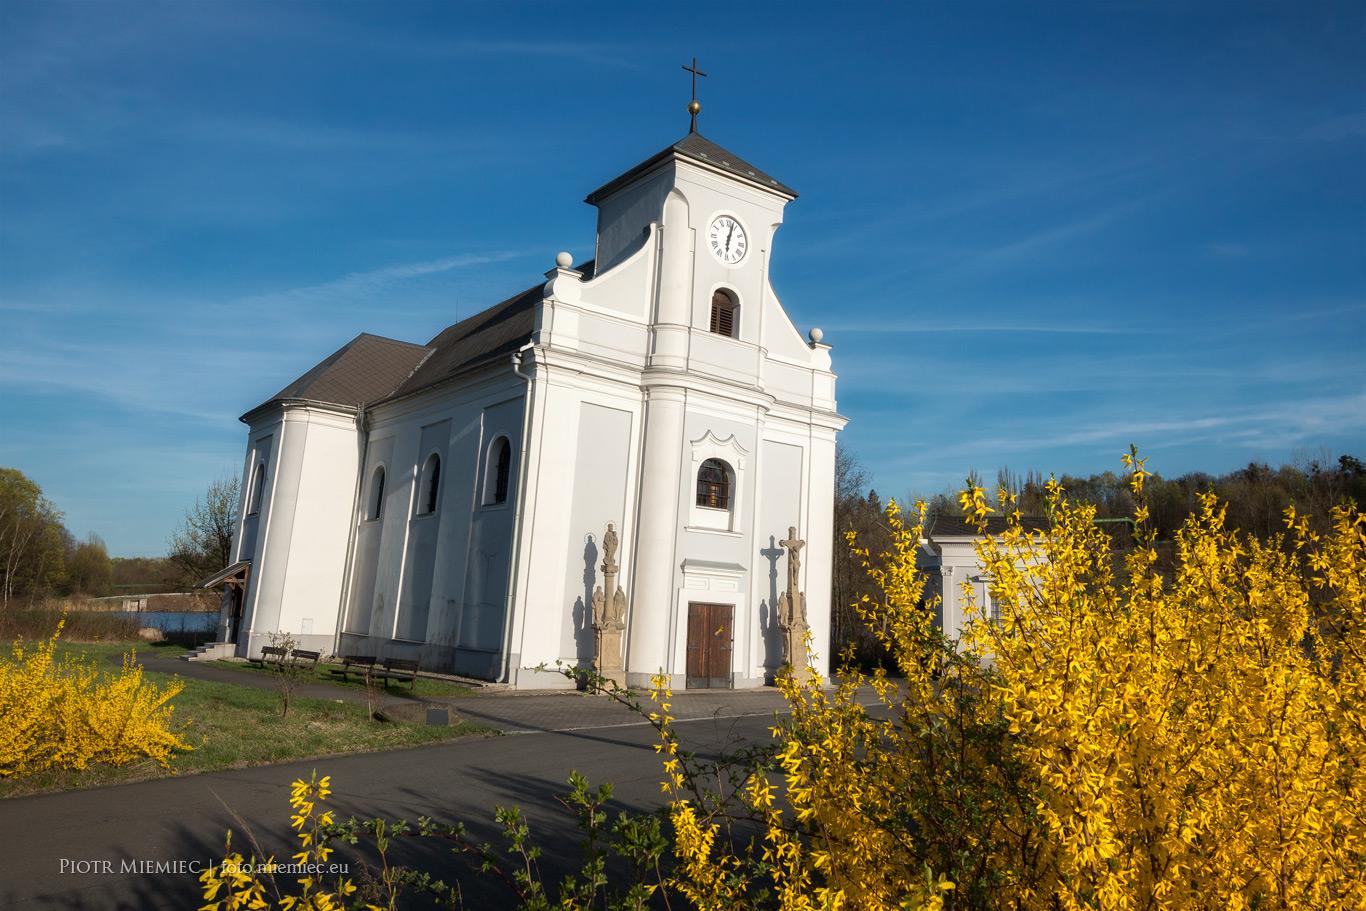 Kościół św. Piotra z Alkantary w Karwinie